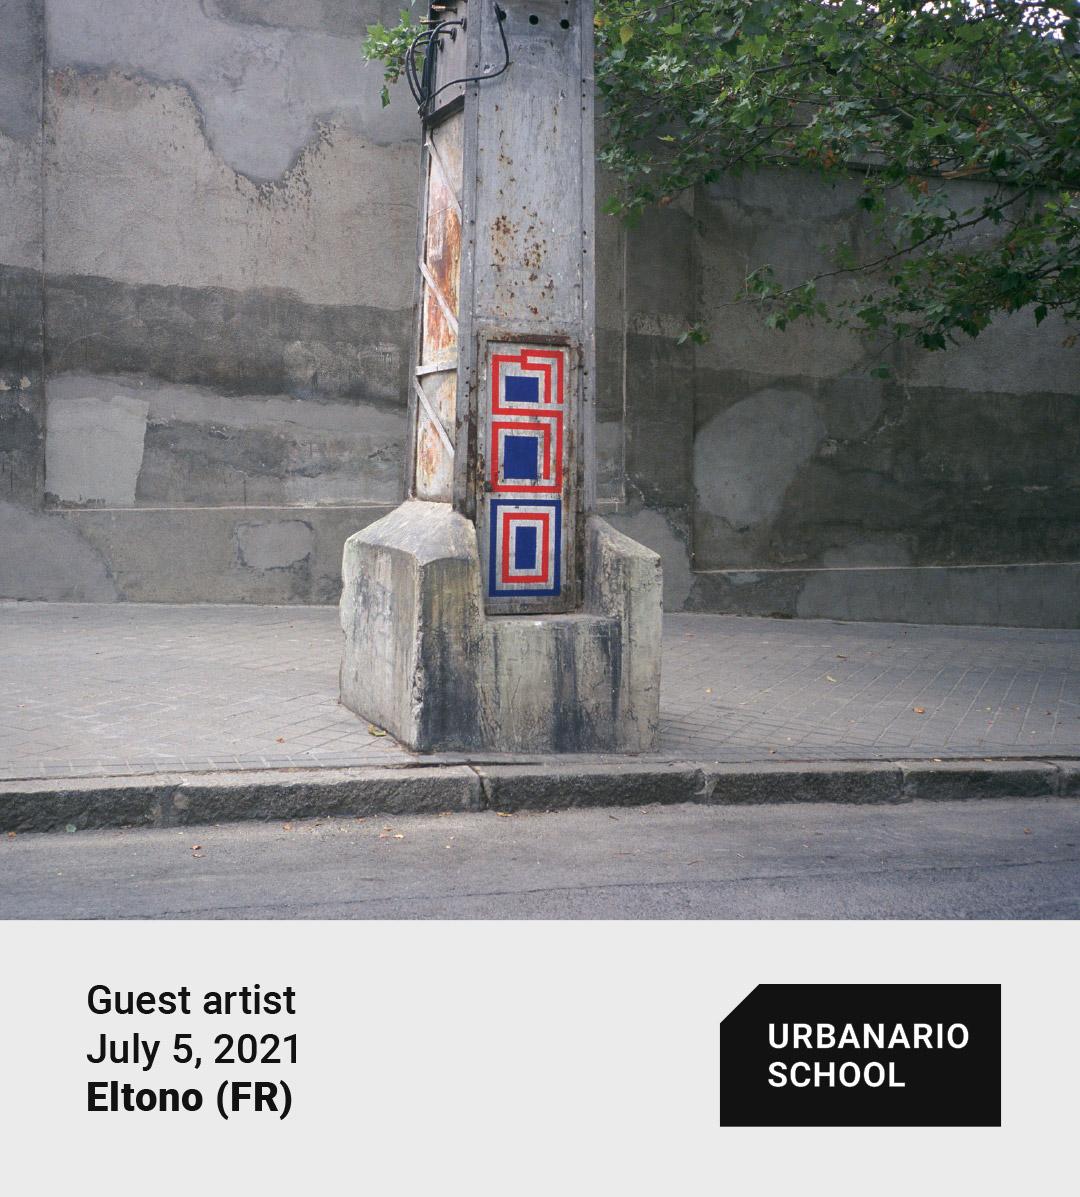 Eltono Escuela Urbanario july 2021